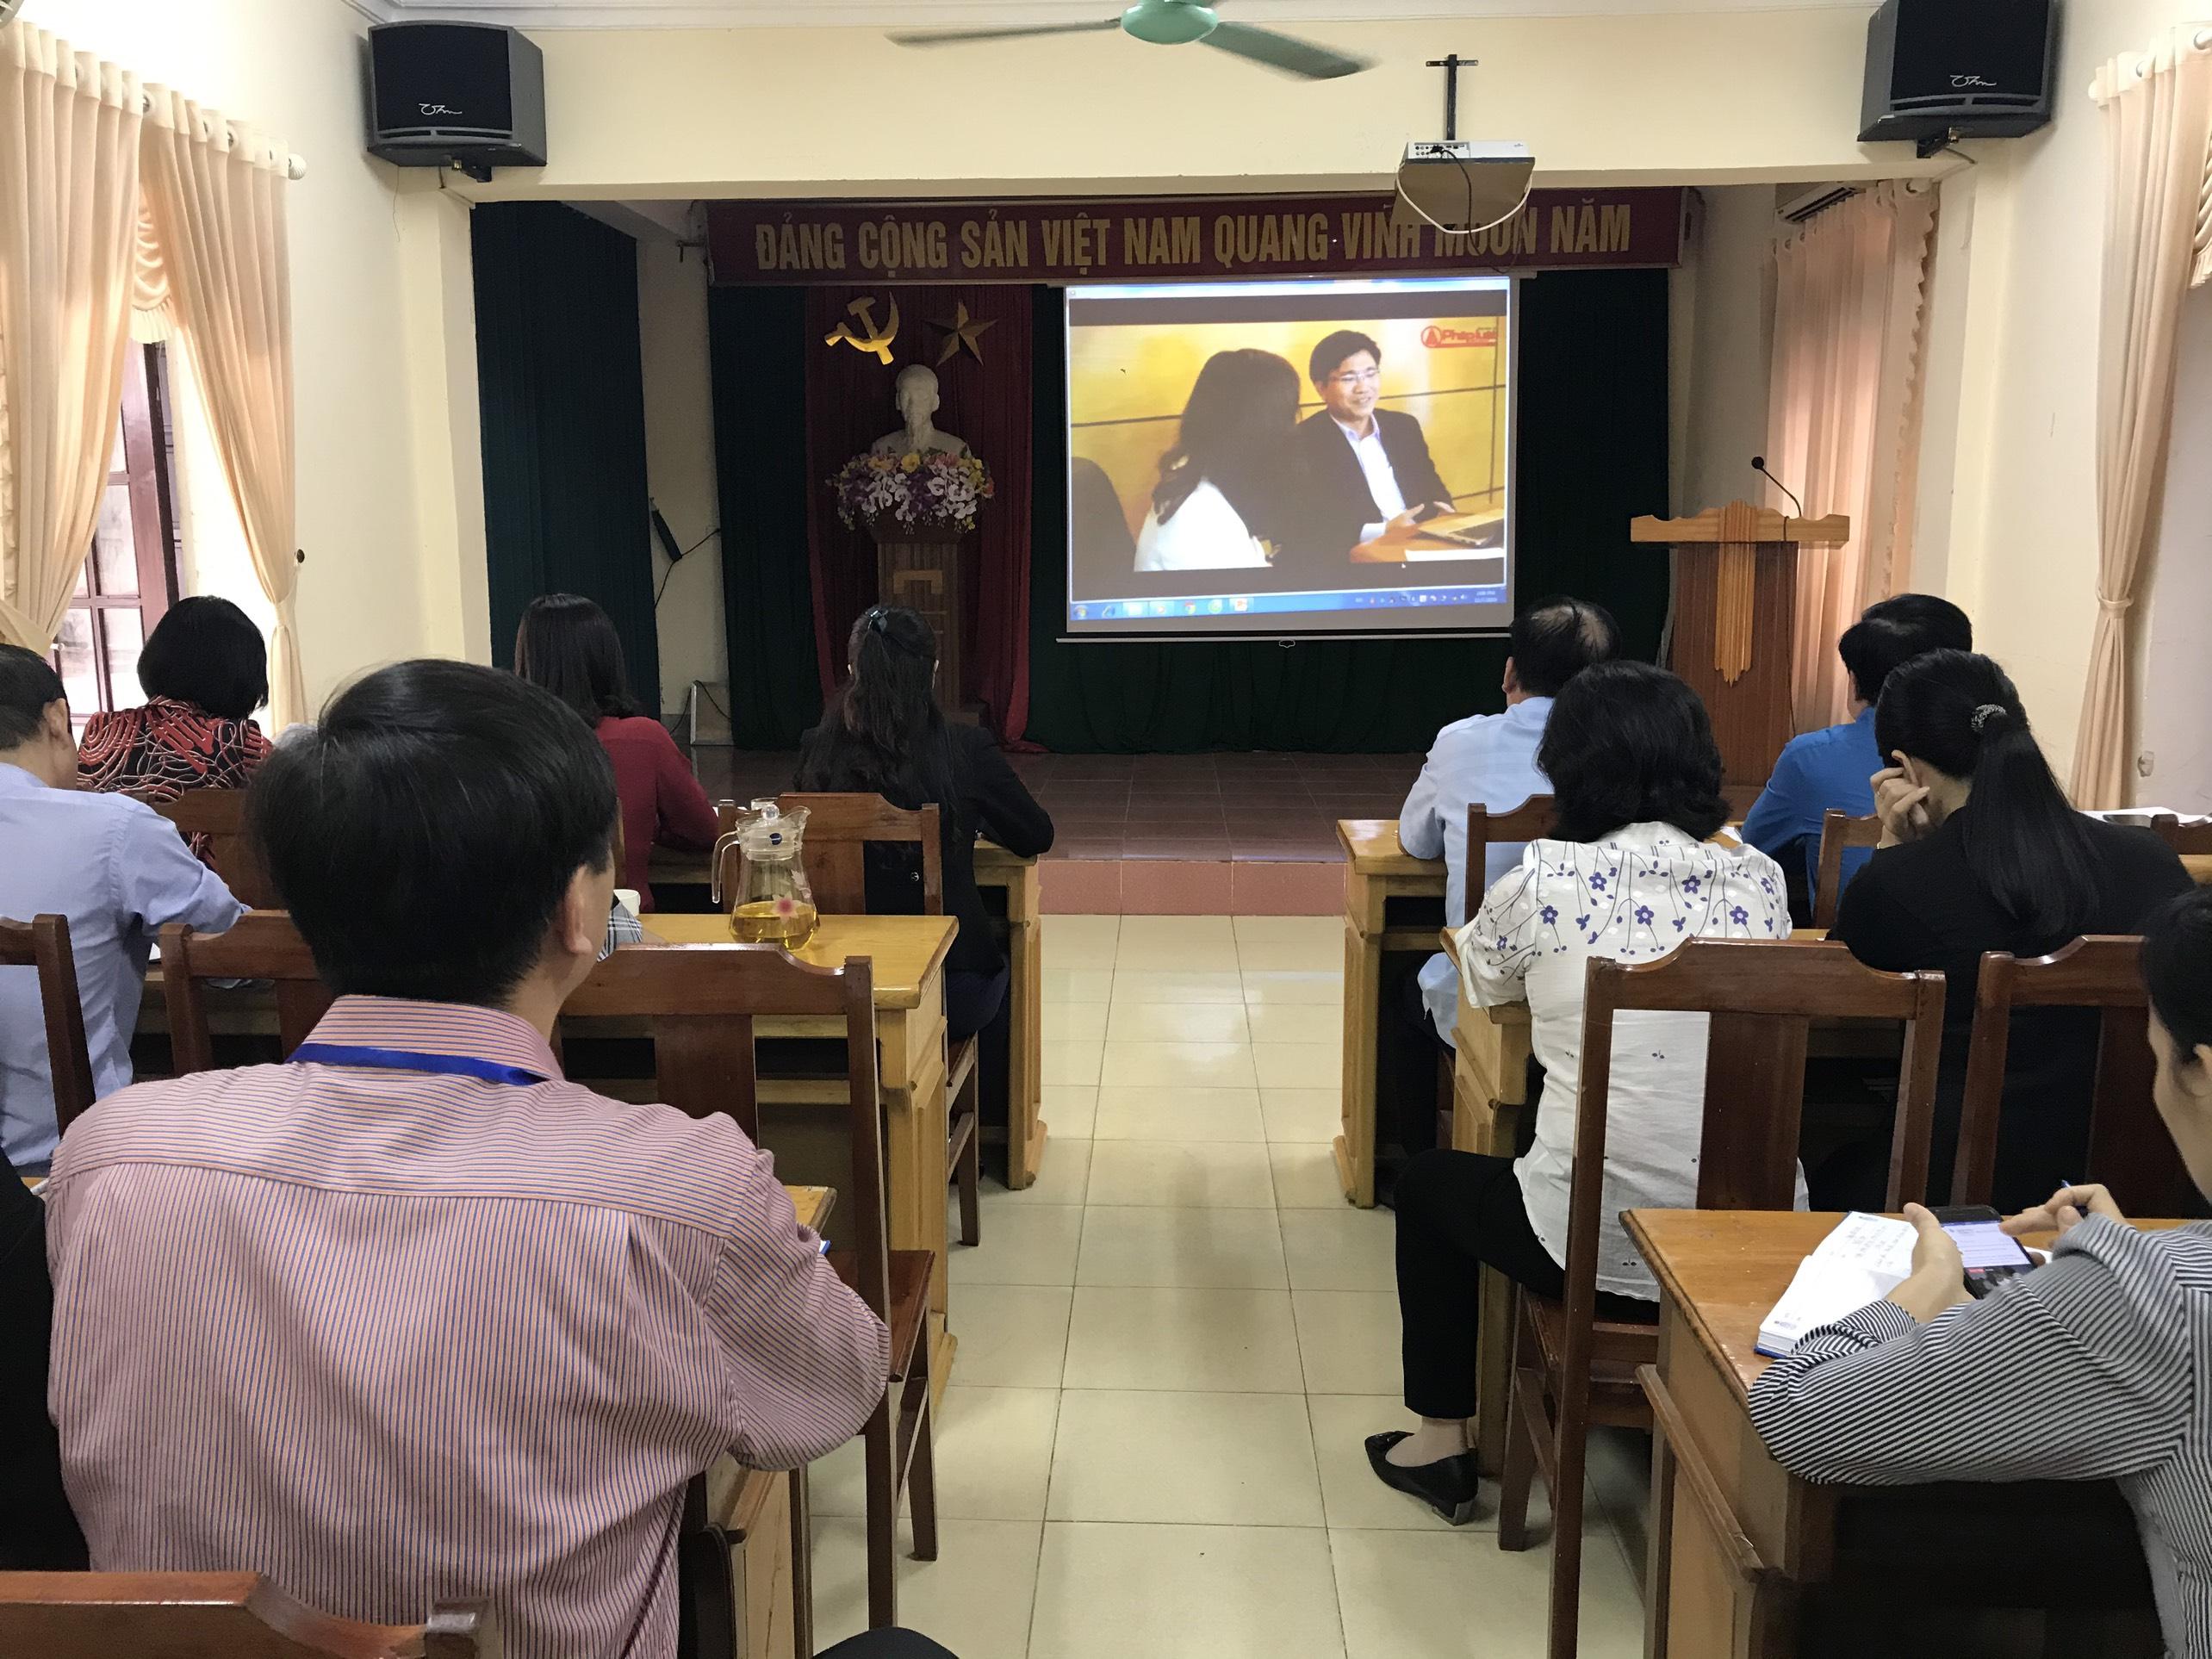 Cơ quan LĐLĐ tỉnh: Tổ chức triển khai hưởng ứng Ngày pháp luật Nước CHXHCN Việt Nam năm 2019